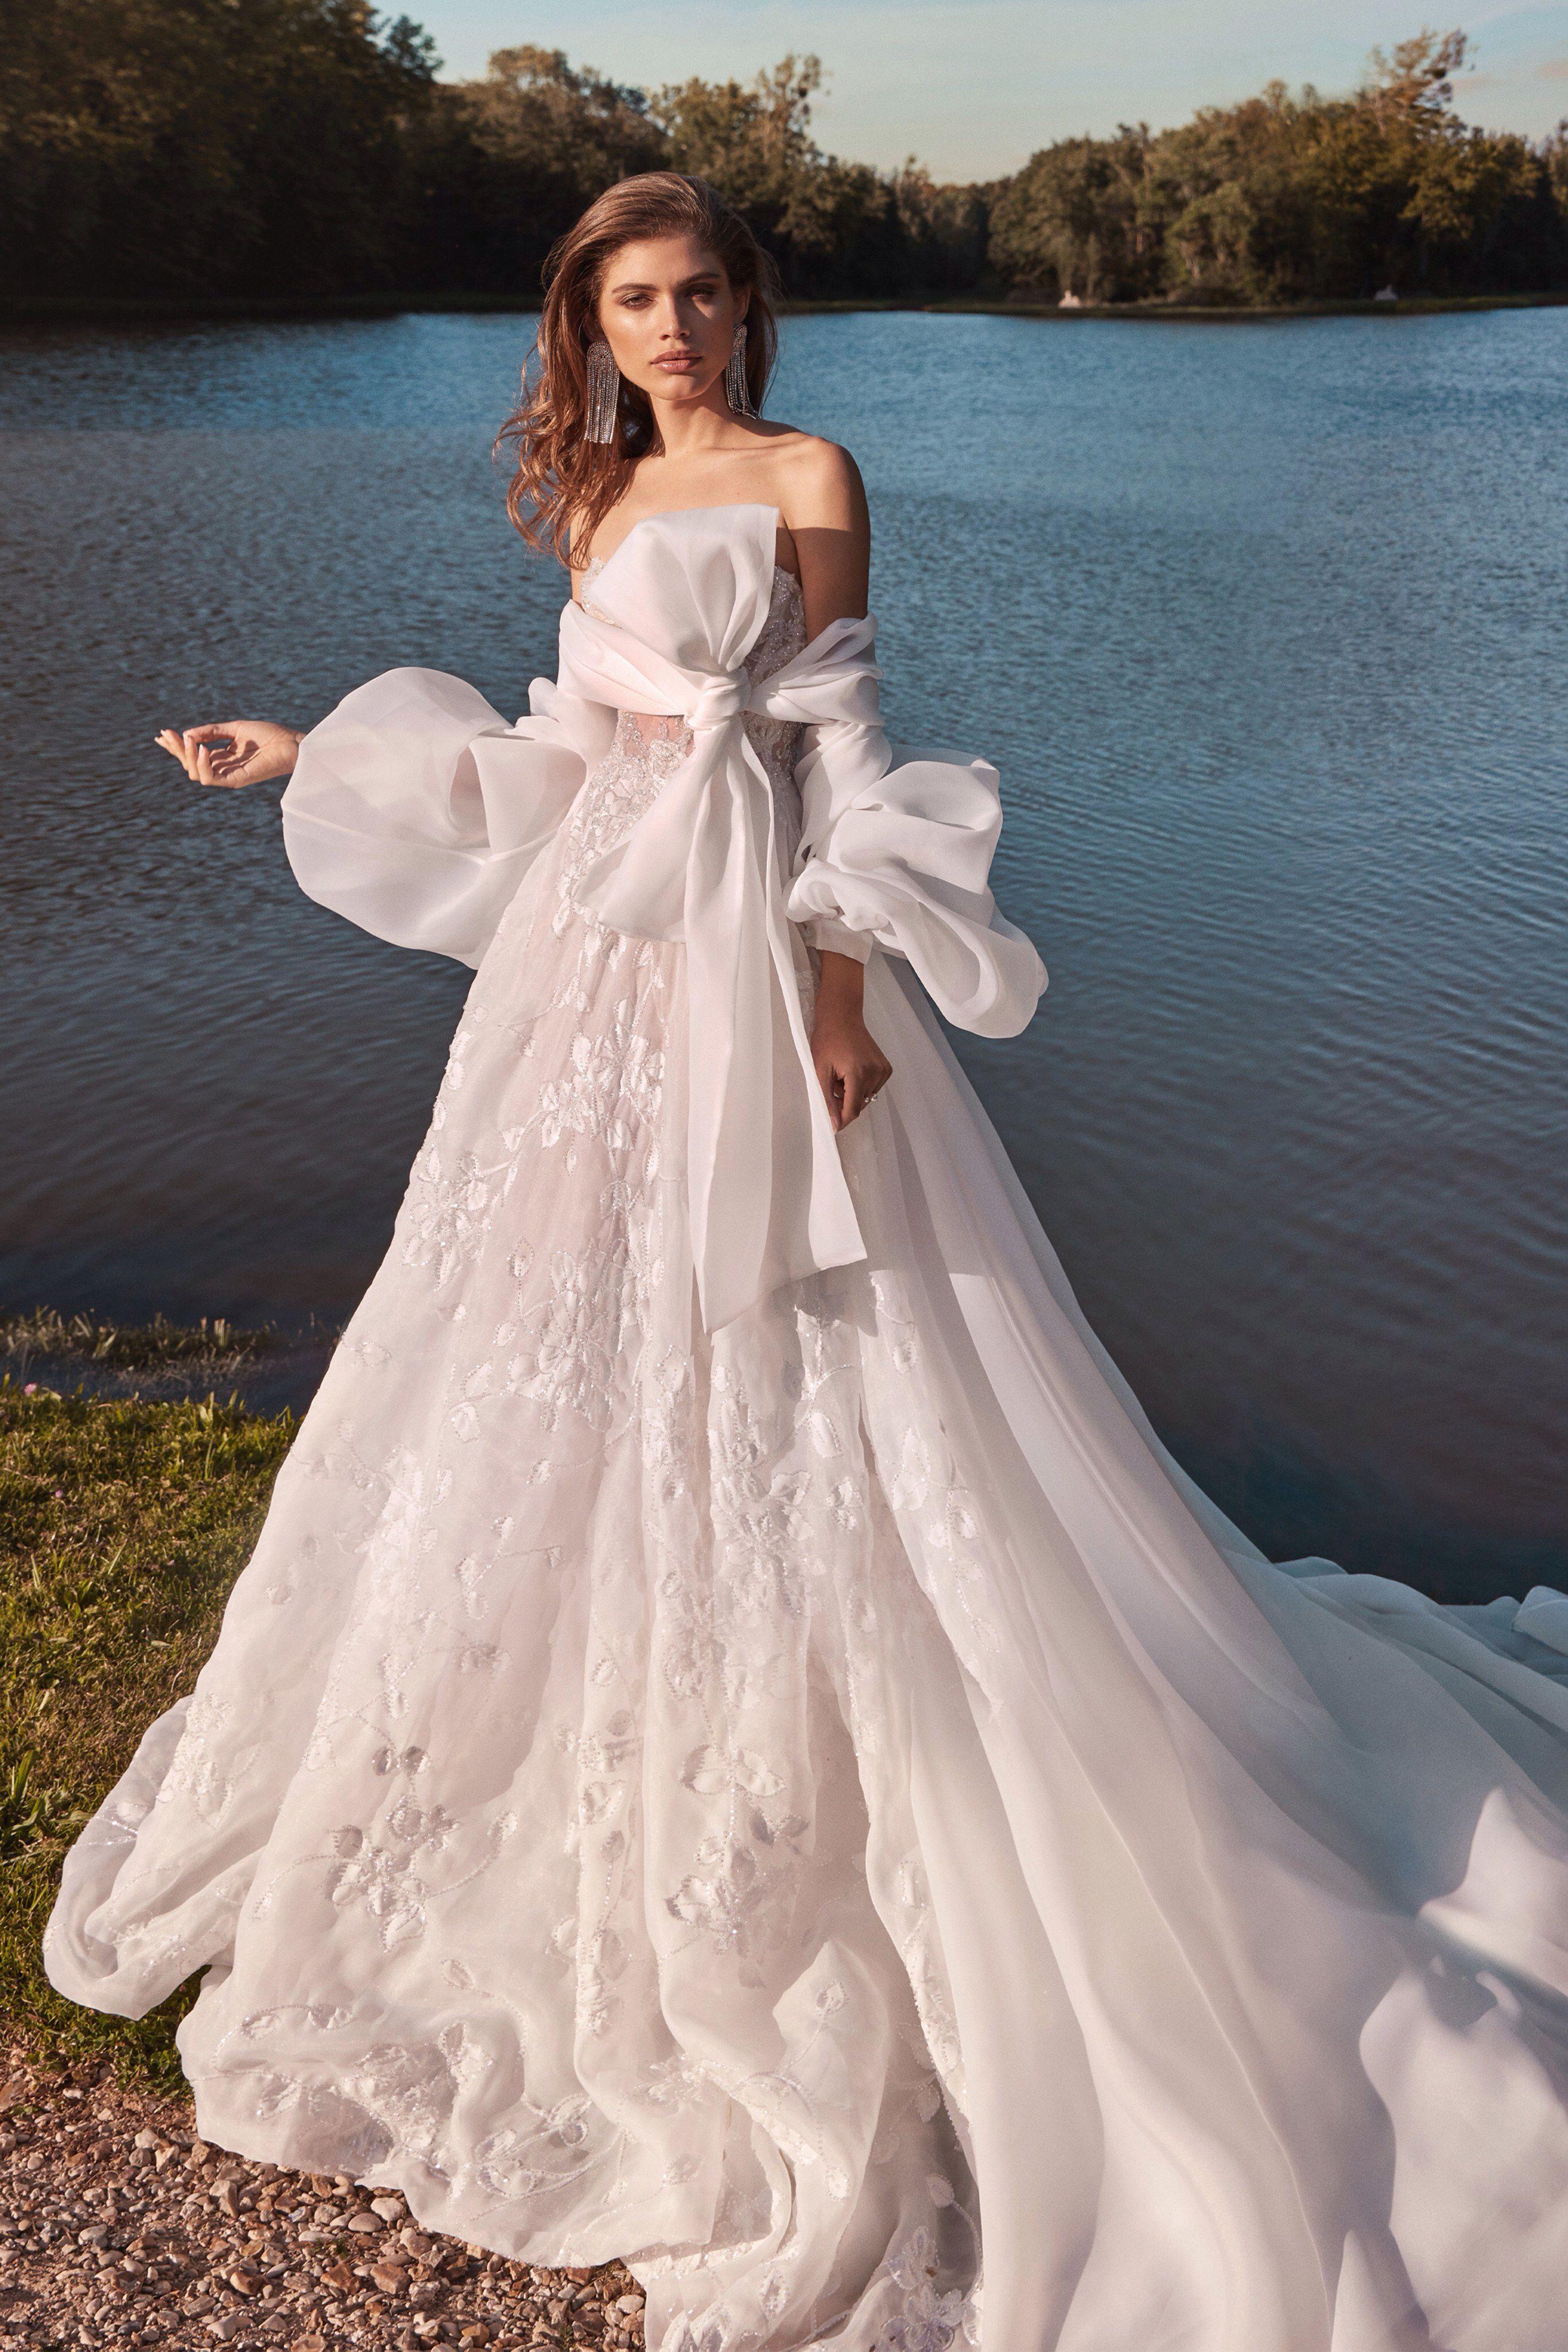 Galia lahav bridal fall 2020 fashion show couture